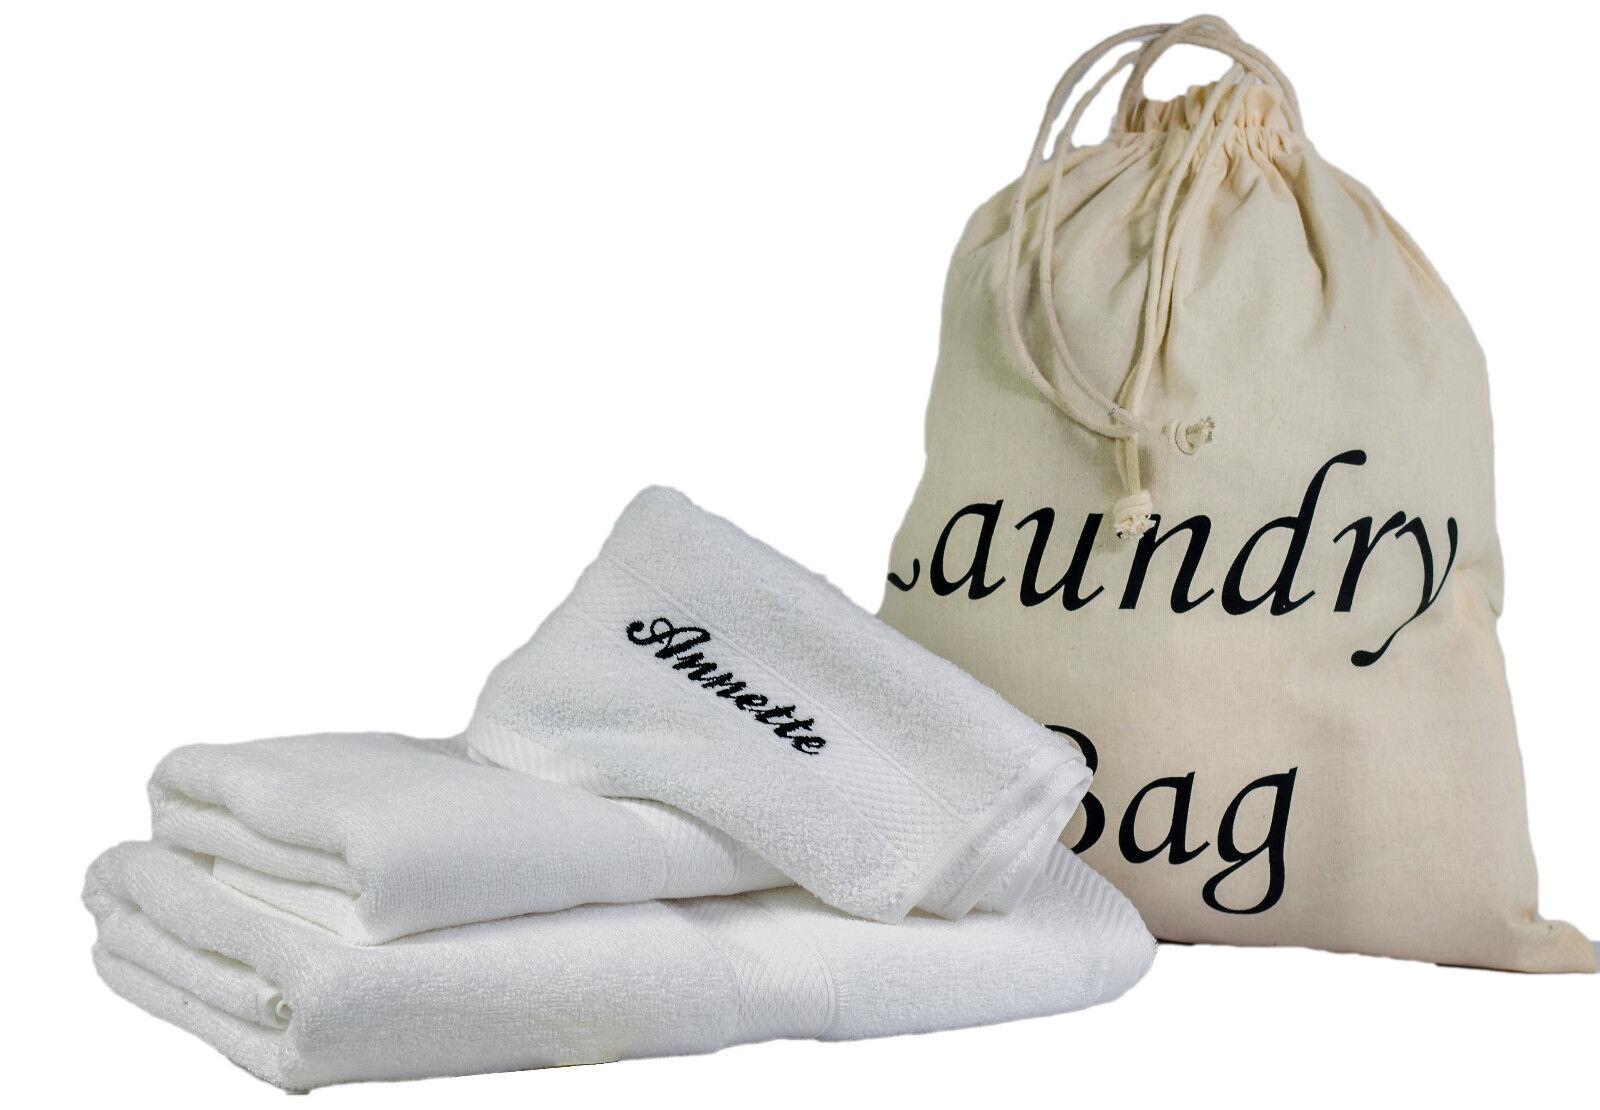 4 tlg Set Handtuch Duschtuch Gästetuch Wäschebeutel mit Wunschnamen weiß 100% BW     |